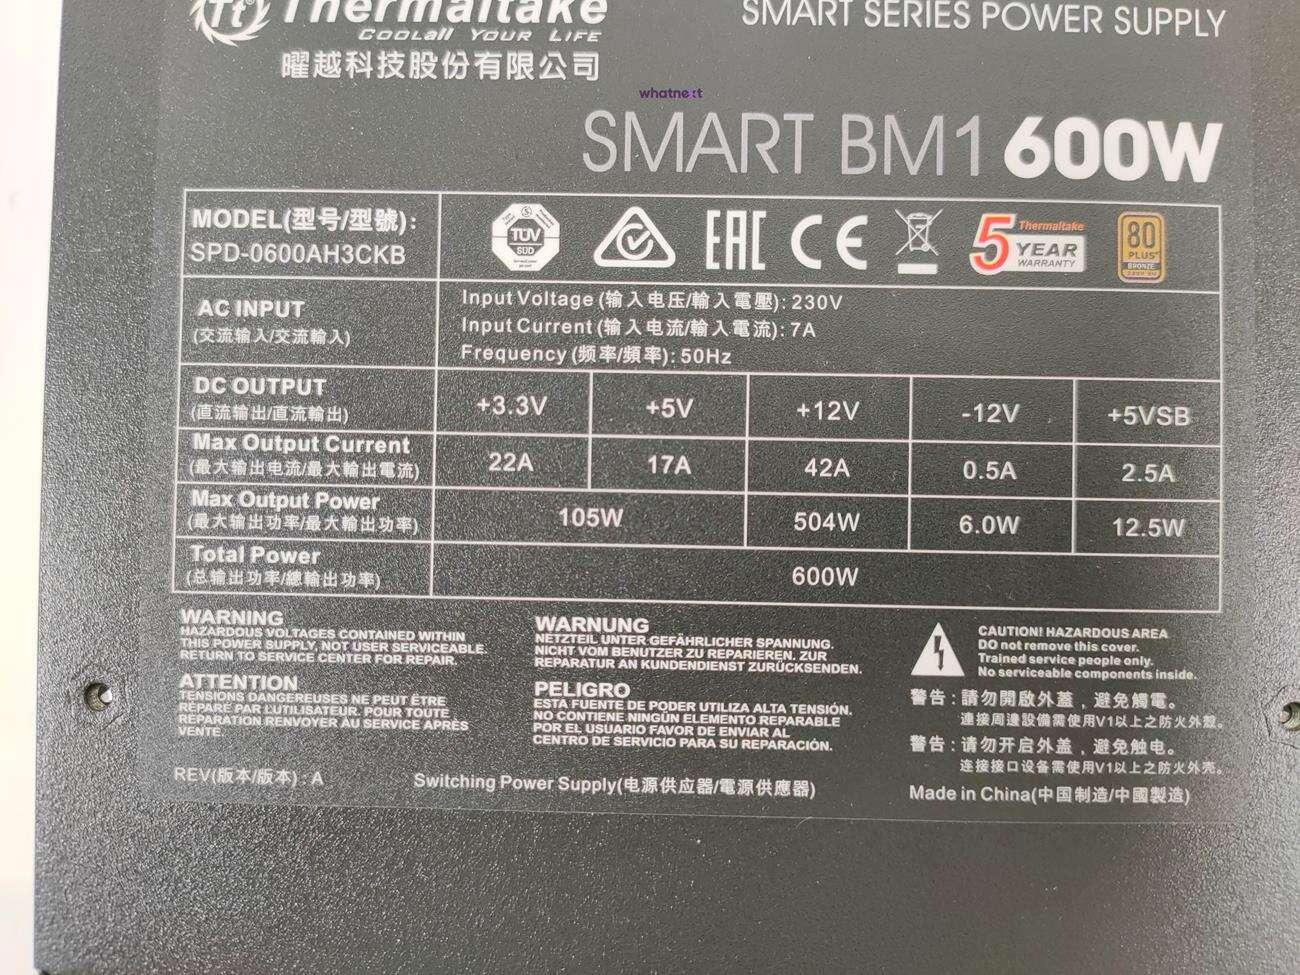 test Thermaltake Smart BM1 600W, recenzja Thermaltake Smart BM1 600W, review Thermaltake Smart BM1 600W, opinia Thermaltake Smart BM1 600W, cena Thermaltake Smart BM1 600W